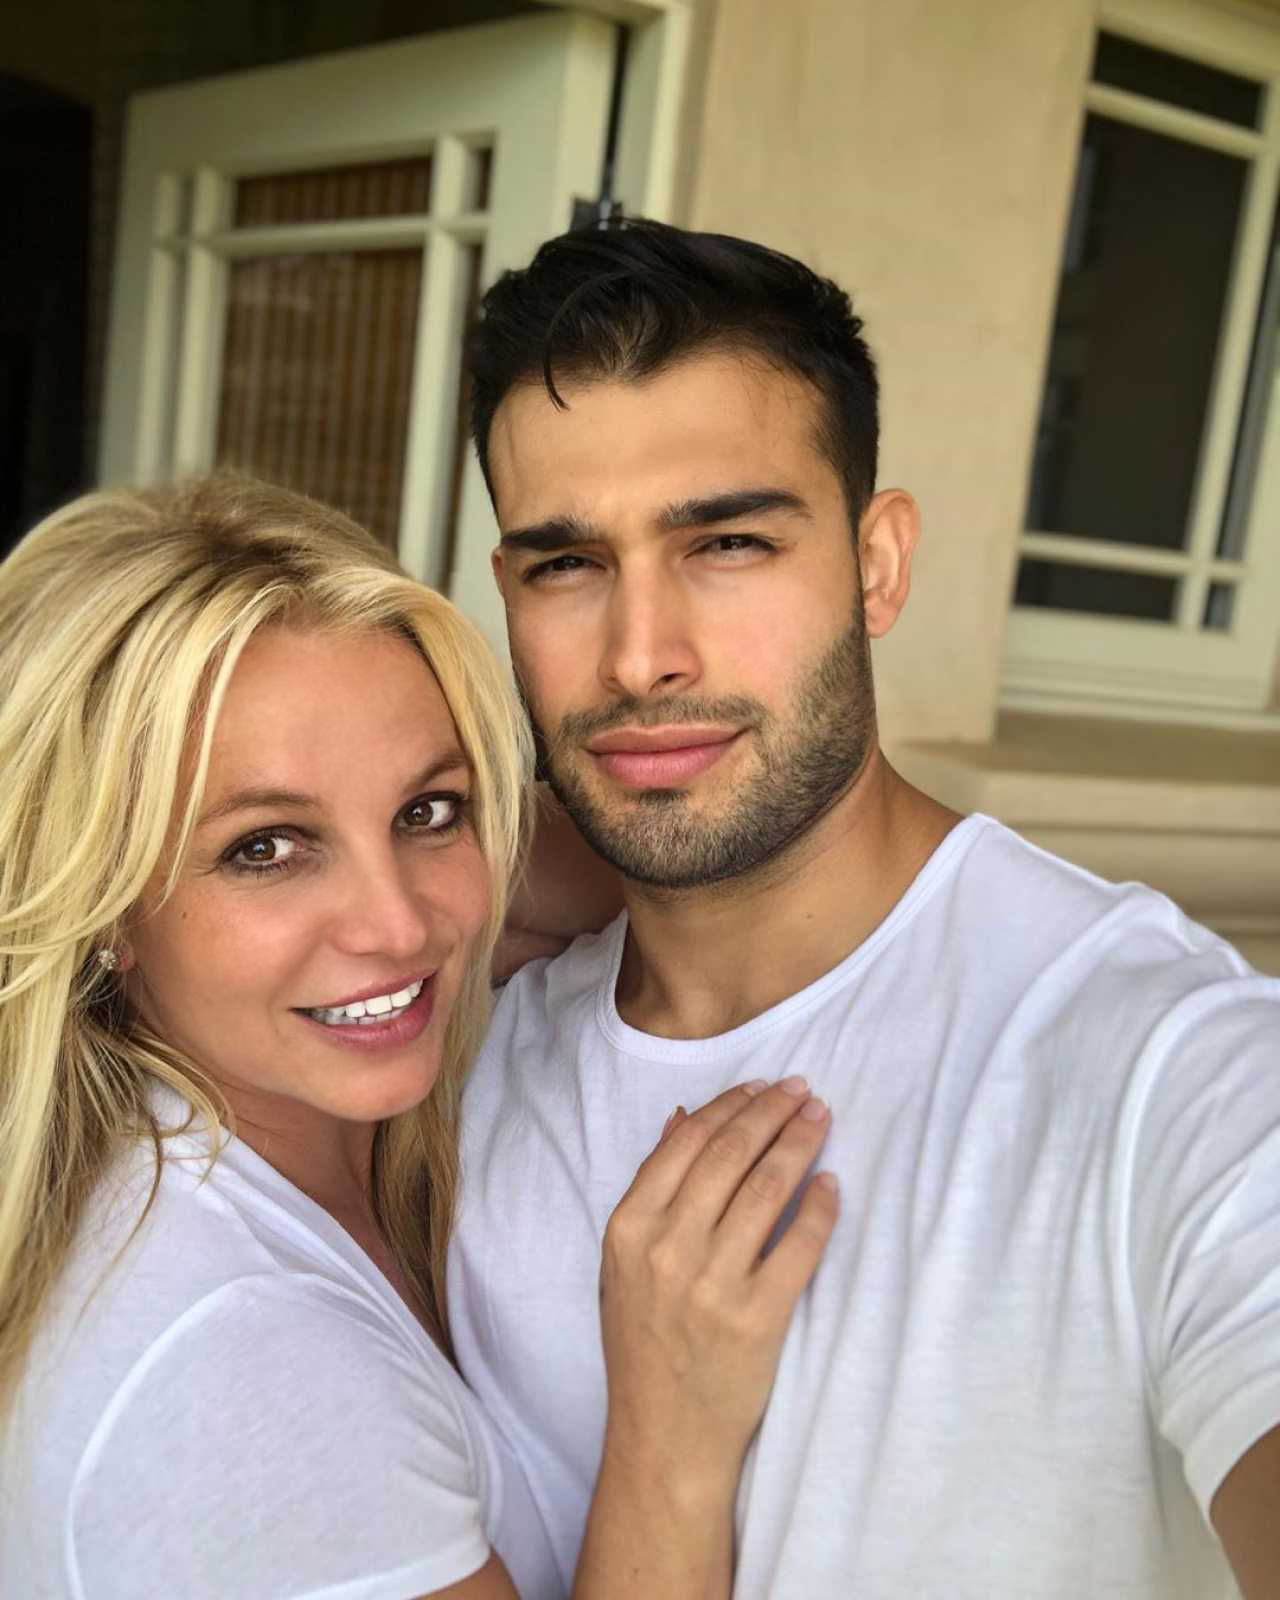 Бывший супруг Бритни Спирс сказал, что рад за нее